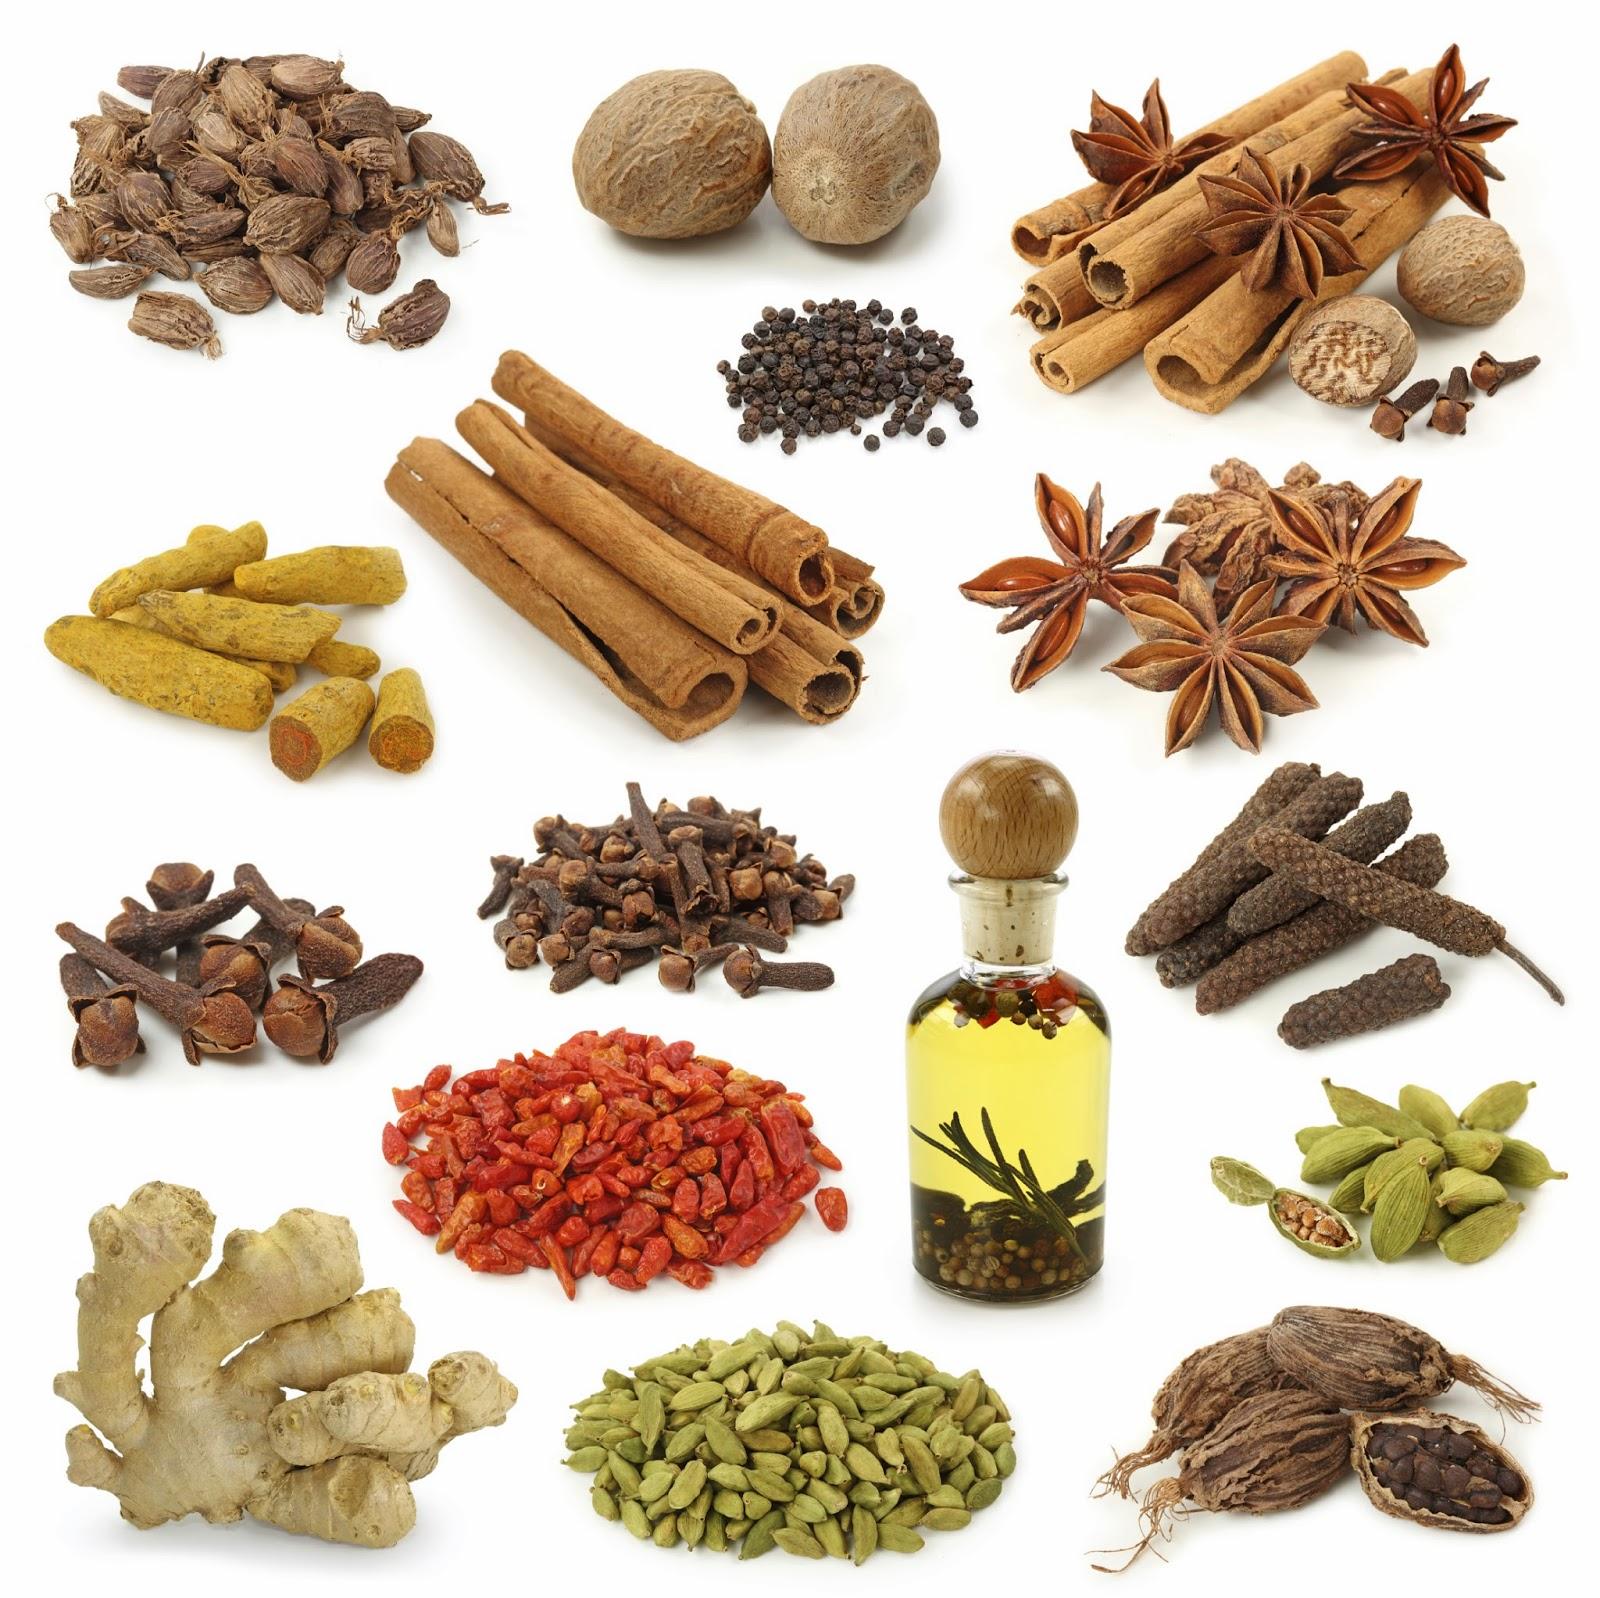 أهم الأسباب رائحة الفم الكريهة خلال صوم رمضان وطرق وصفات مفيدة لعلاجها 440924.jpg